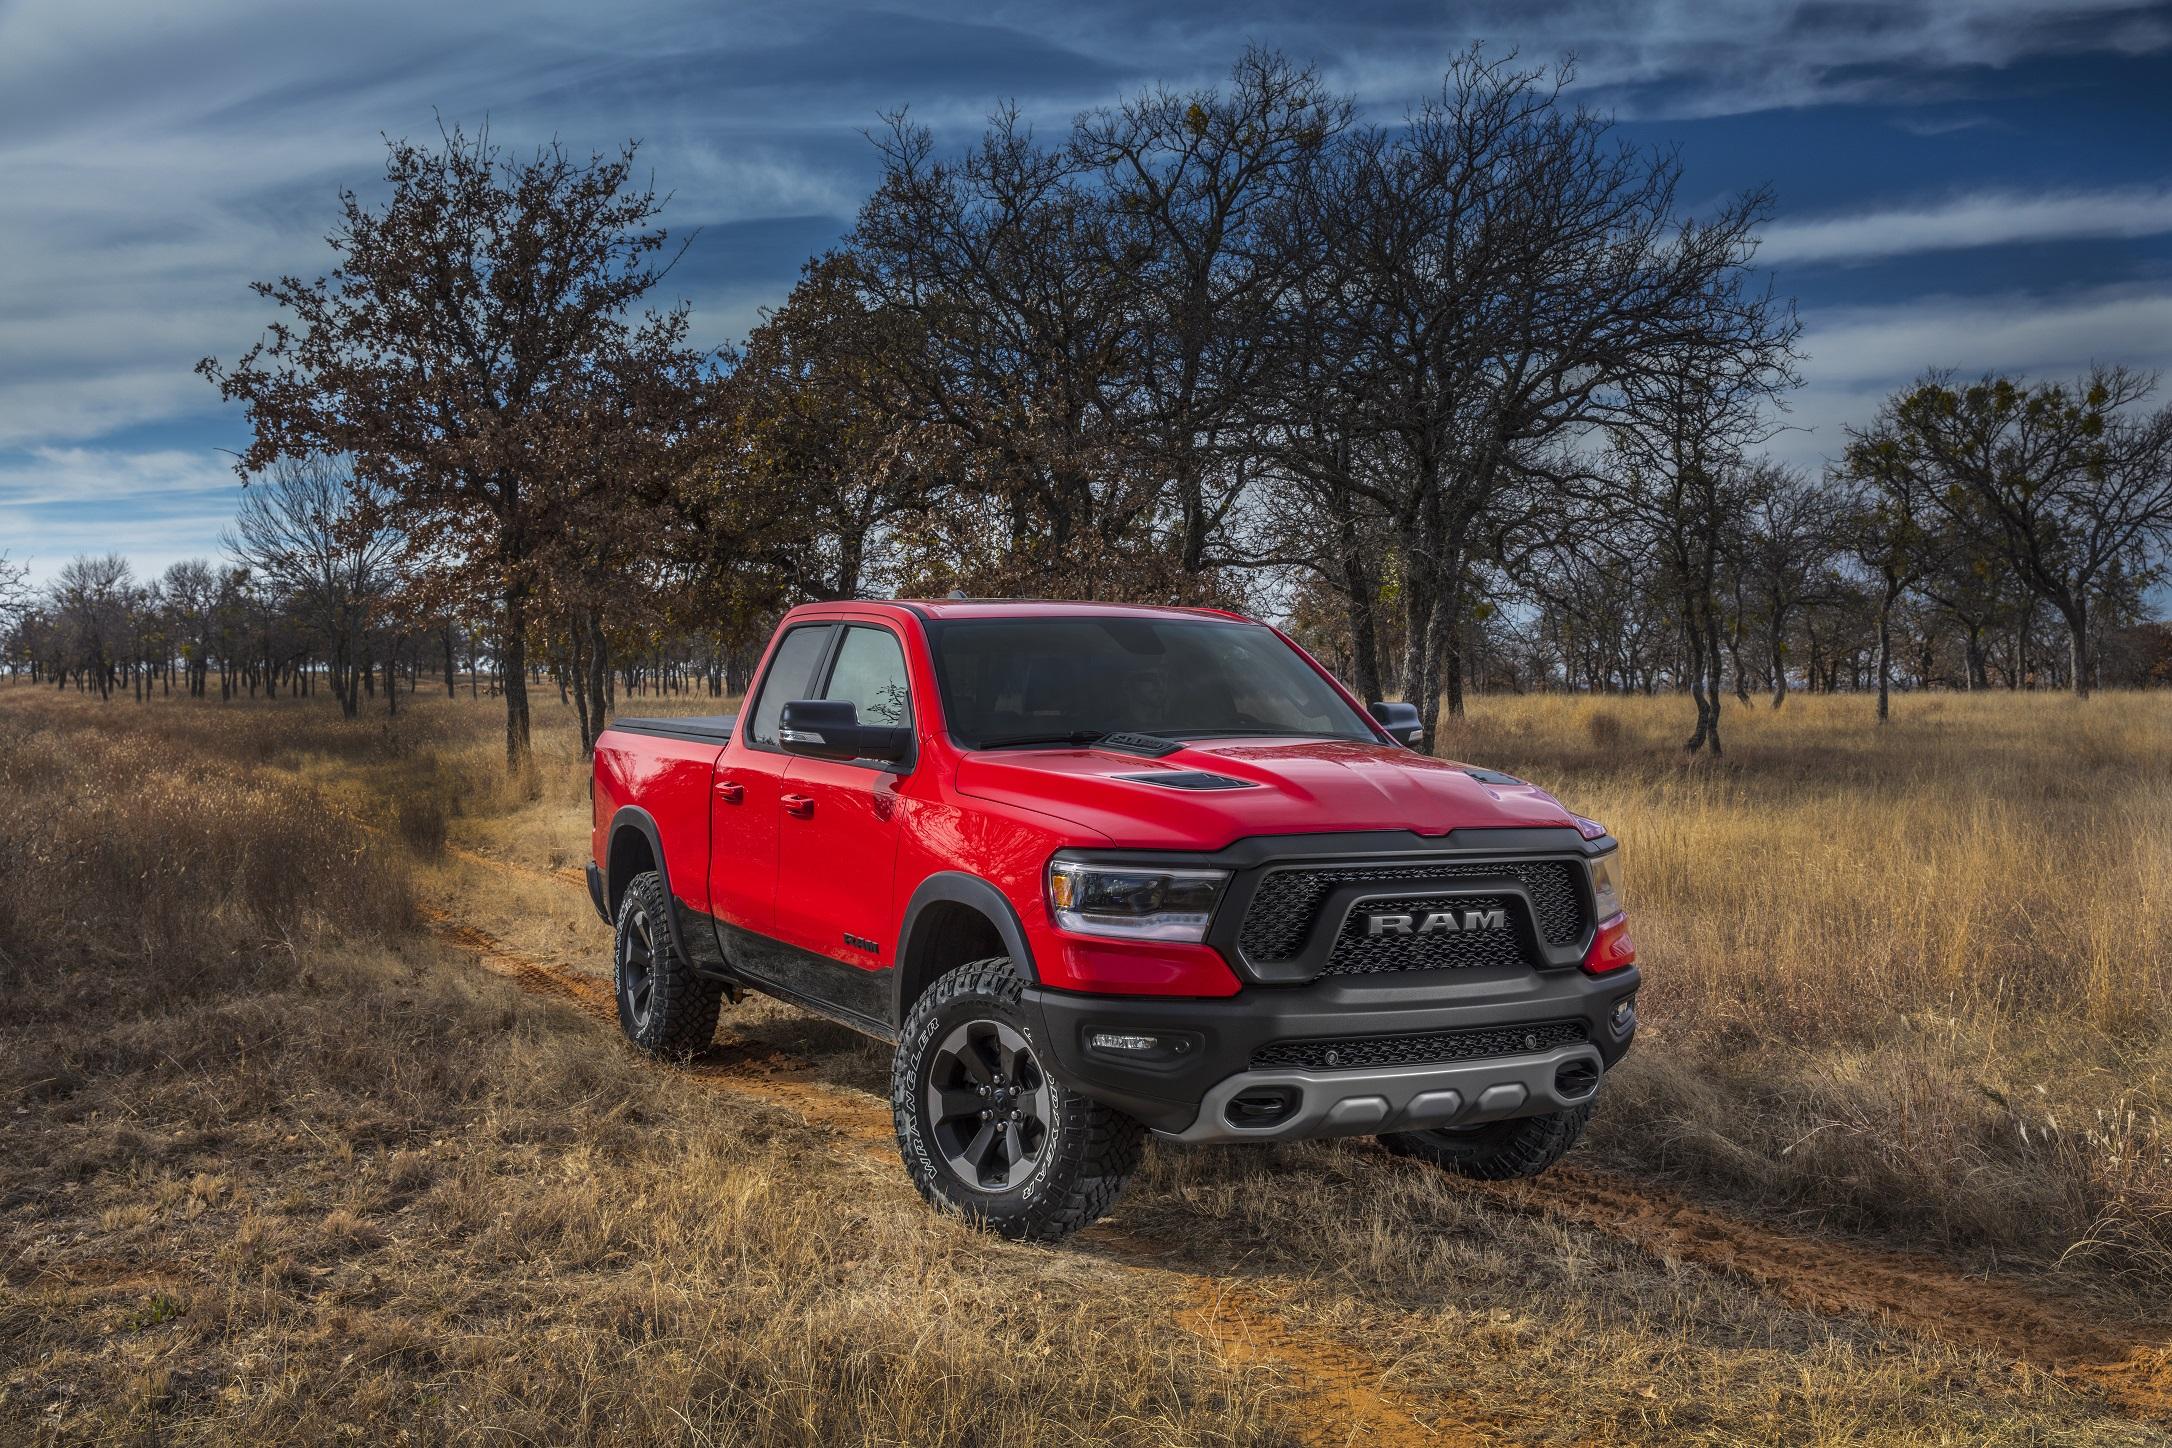 2020 Ram Ecodiesel Be A Rebel Get A Diesel Gearjunkie